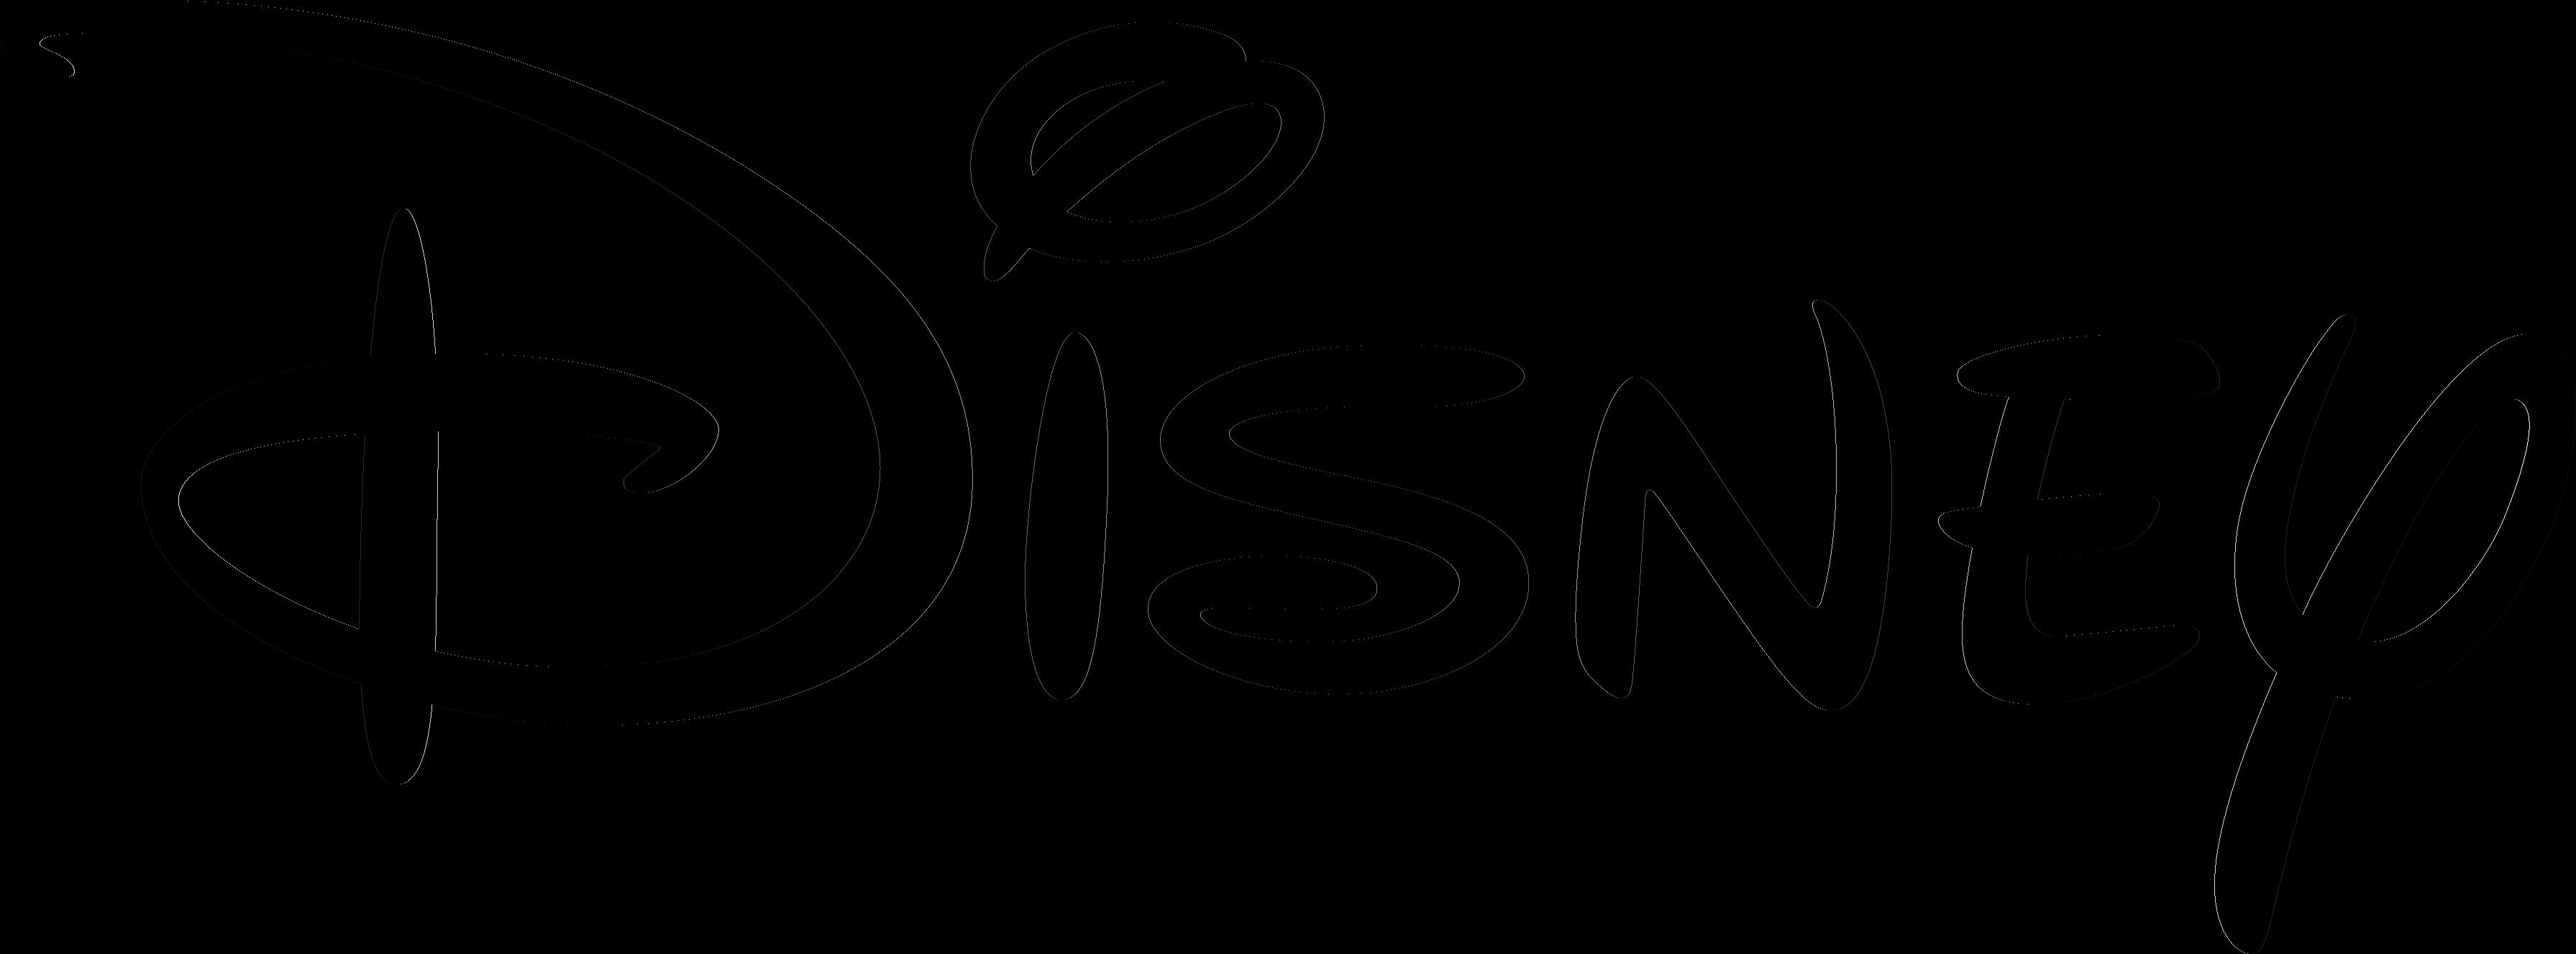 Download Disney - Walt Disney Font Png - Full Size PNG Image - PNGkit